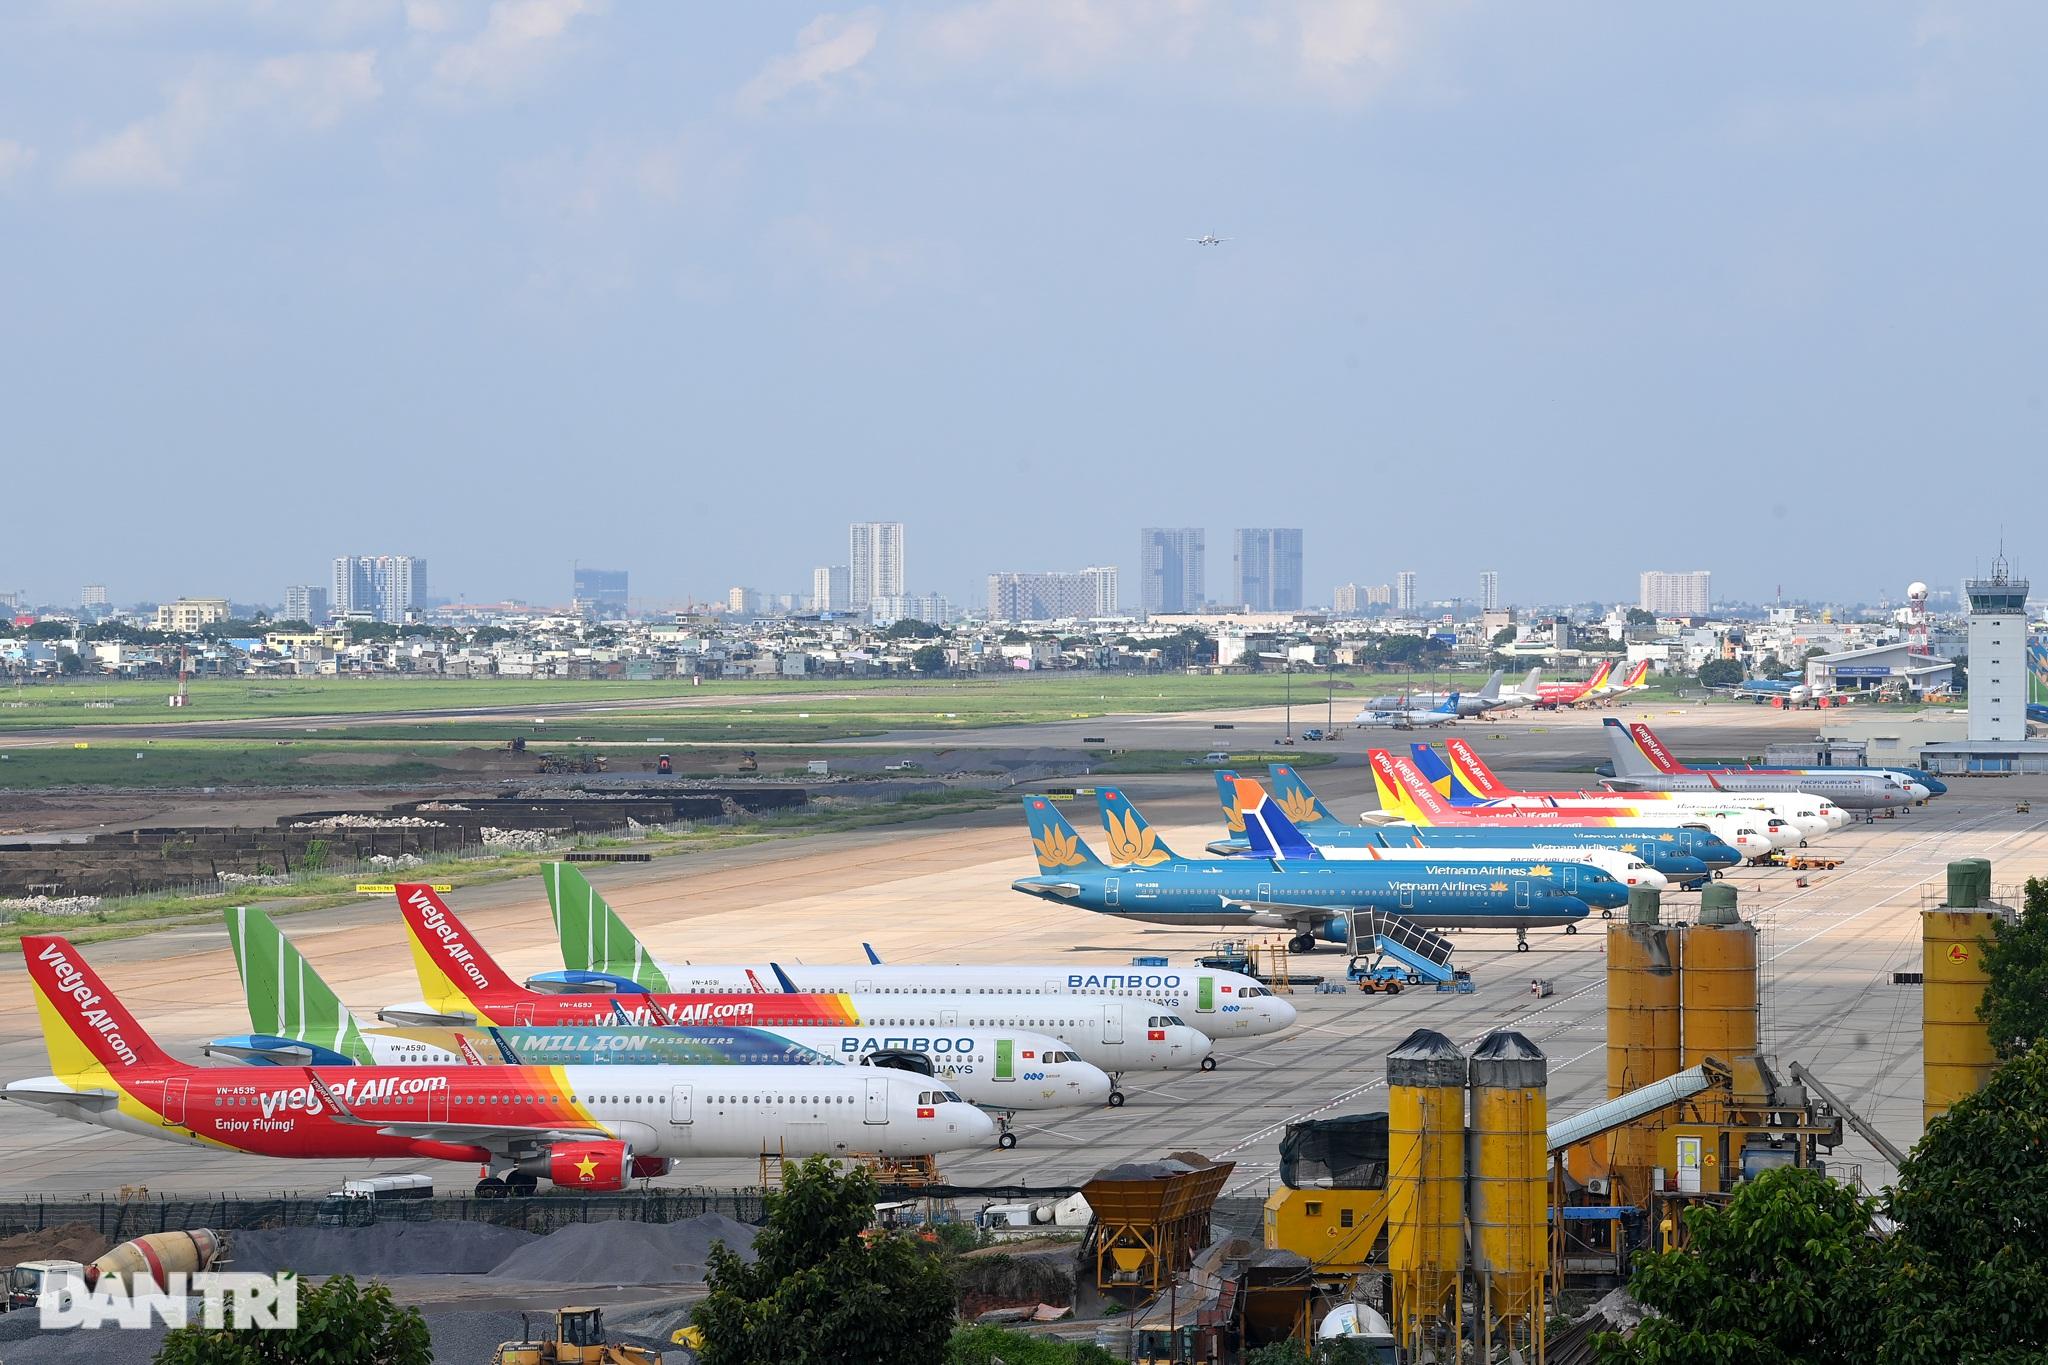 Ám ảnh hàng trăm tàu bay đắp chiếu nằm la liệt tại Nội Bài, Tân Sơn Nhất - 2